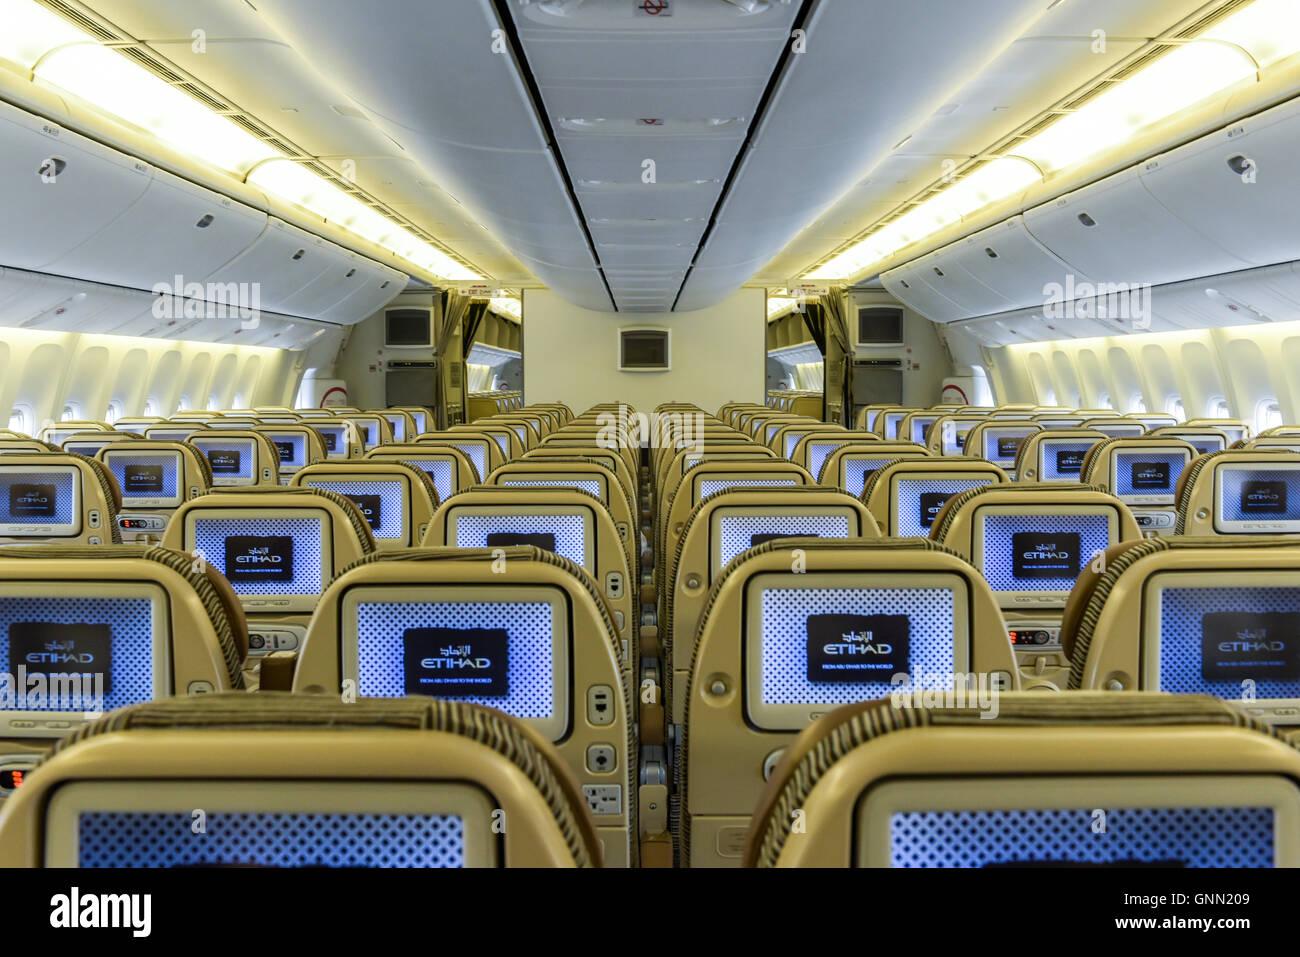 Boeing 777 cabin stockfotos boeing 777 cabin bilder alamy for Boeing 777 interior